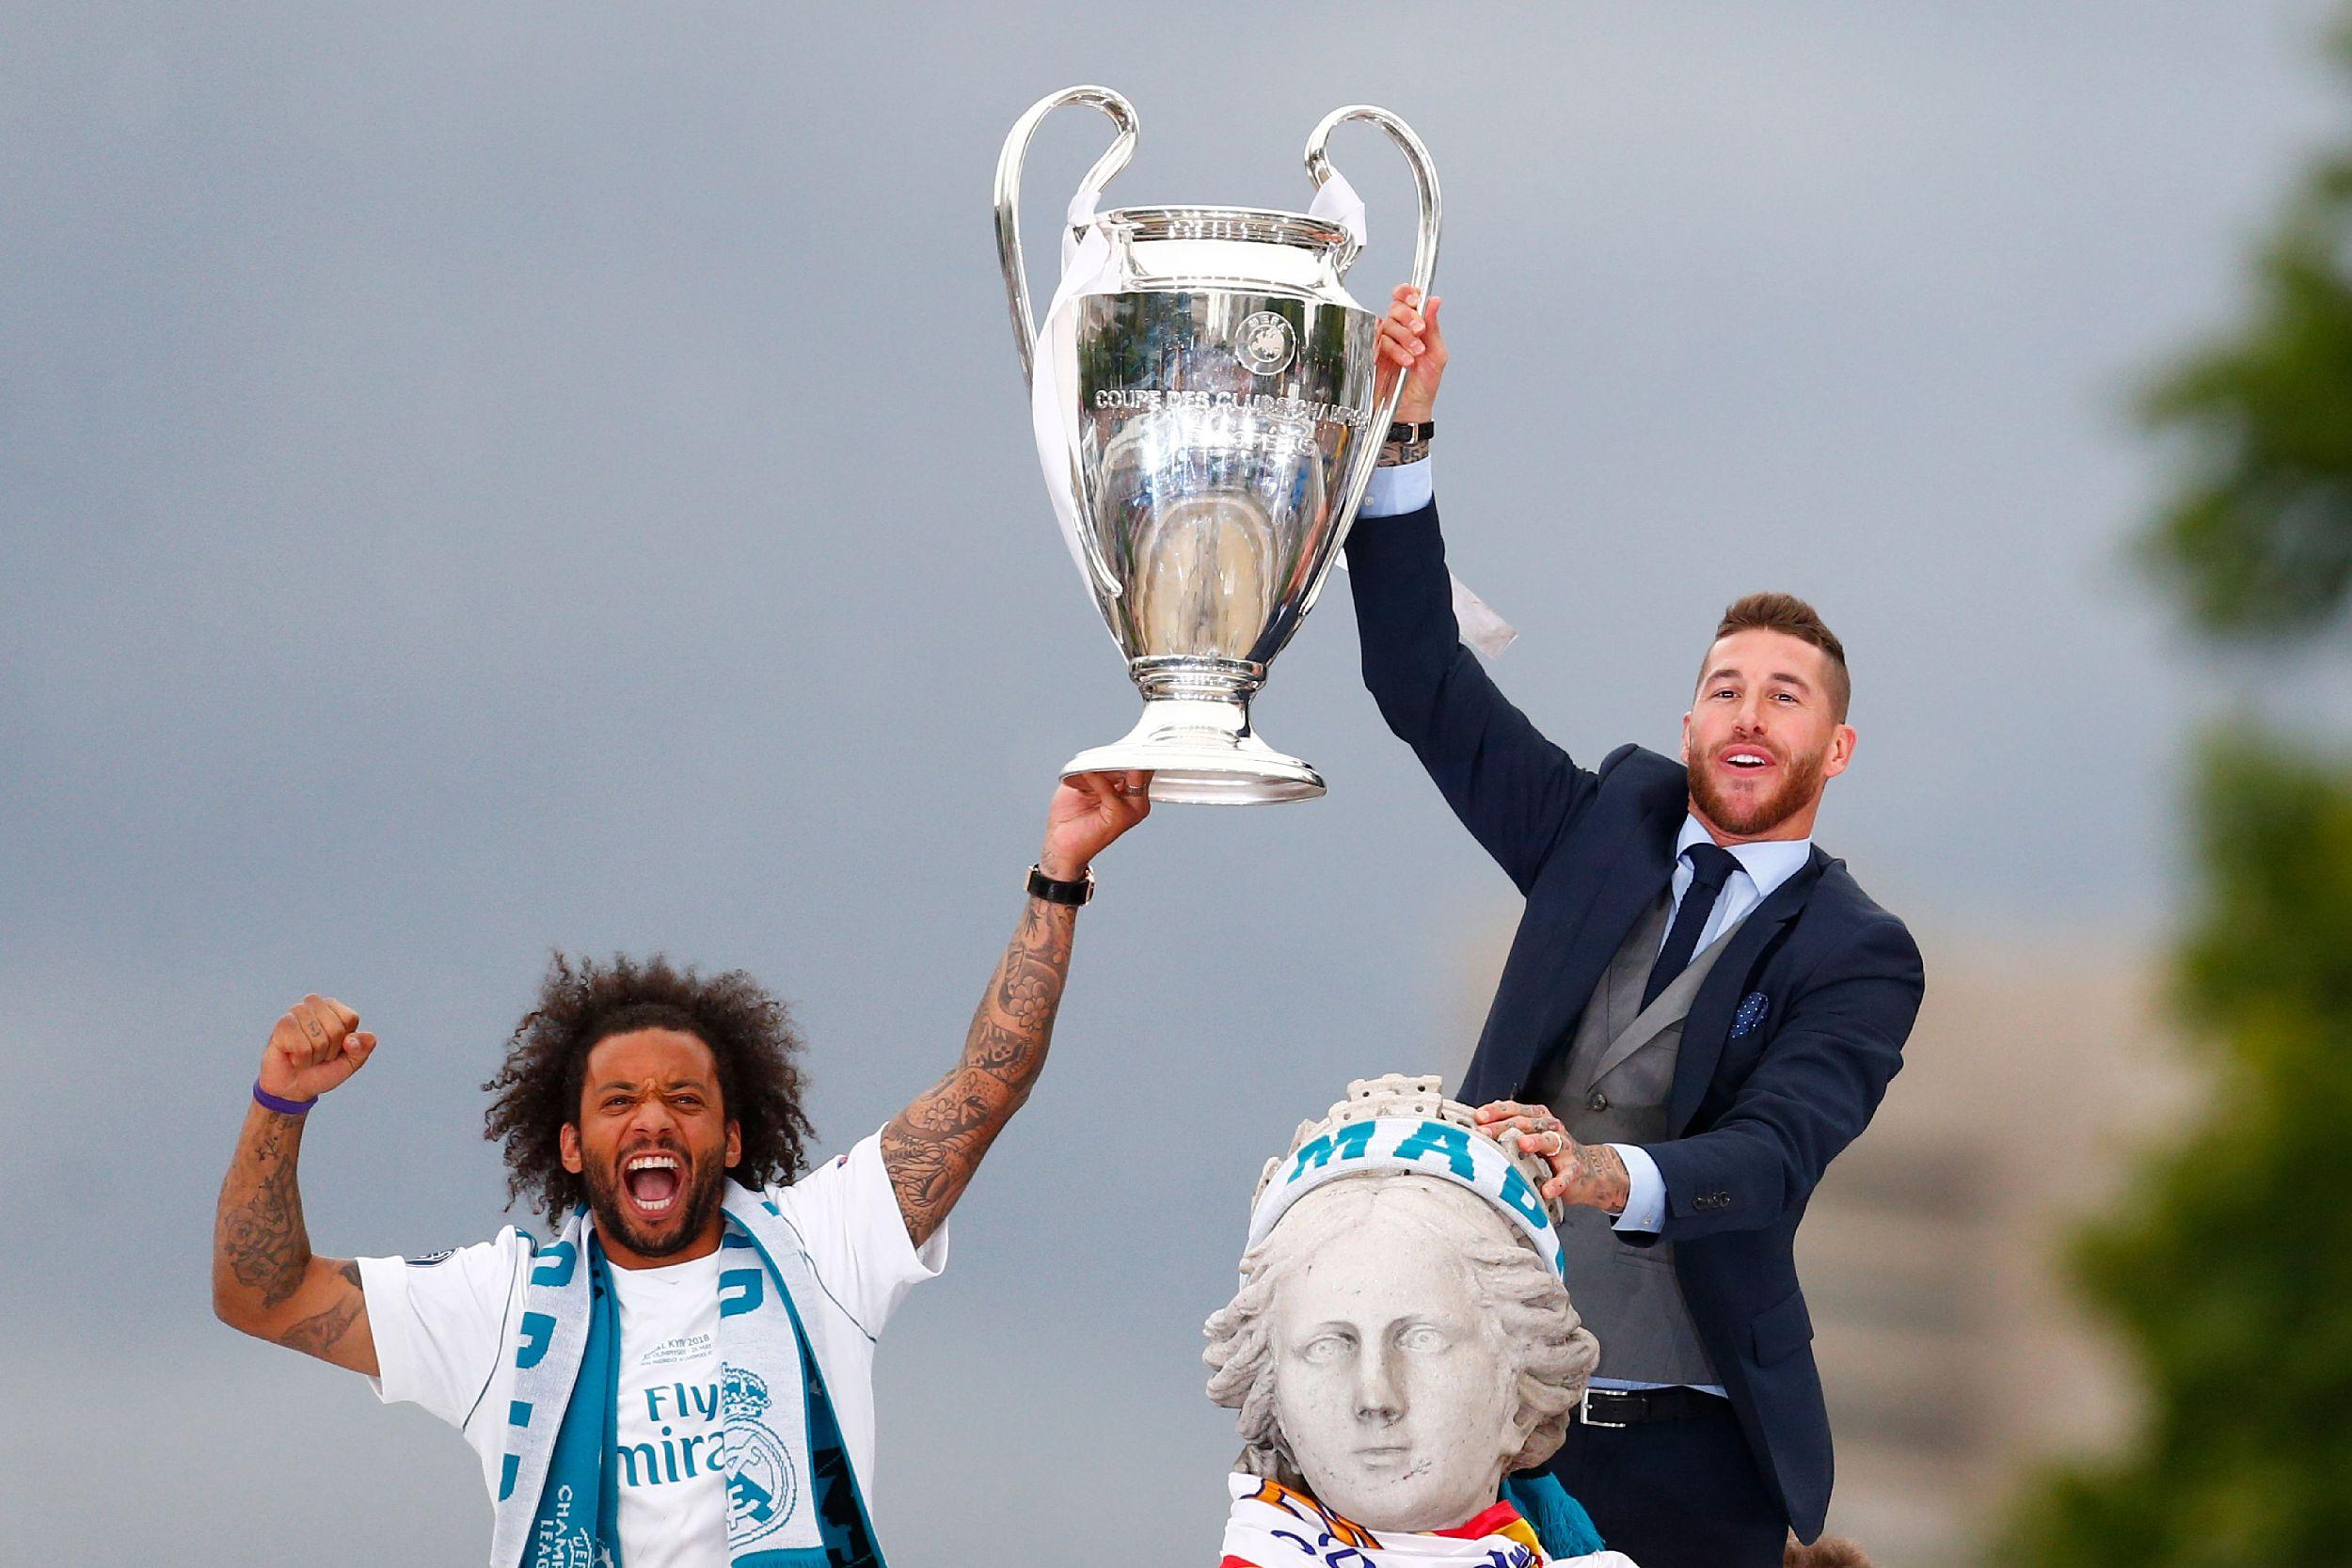 拉莫斯和皇马一起拿下了四座欧冠。